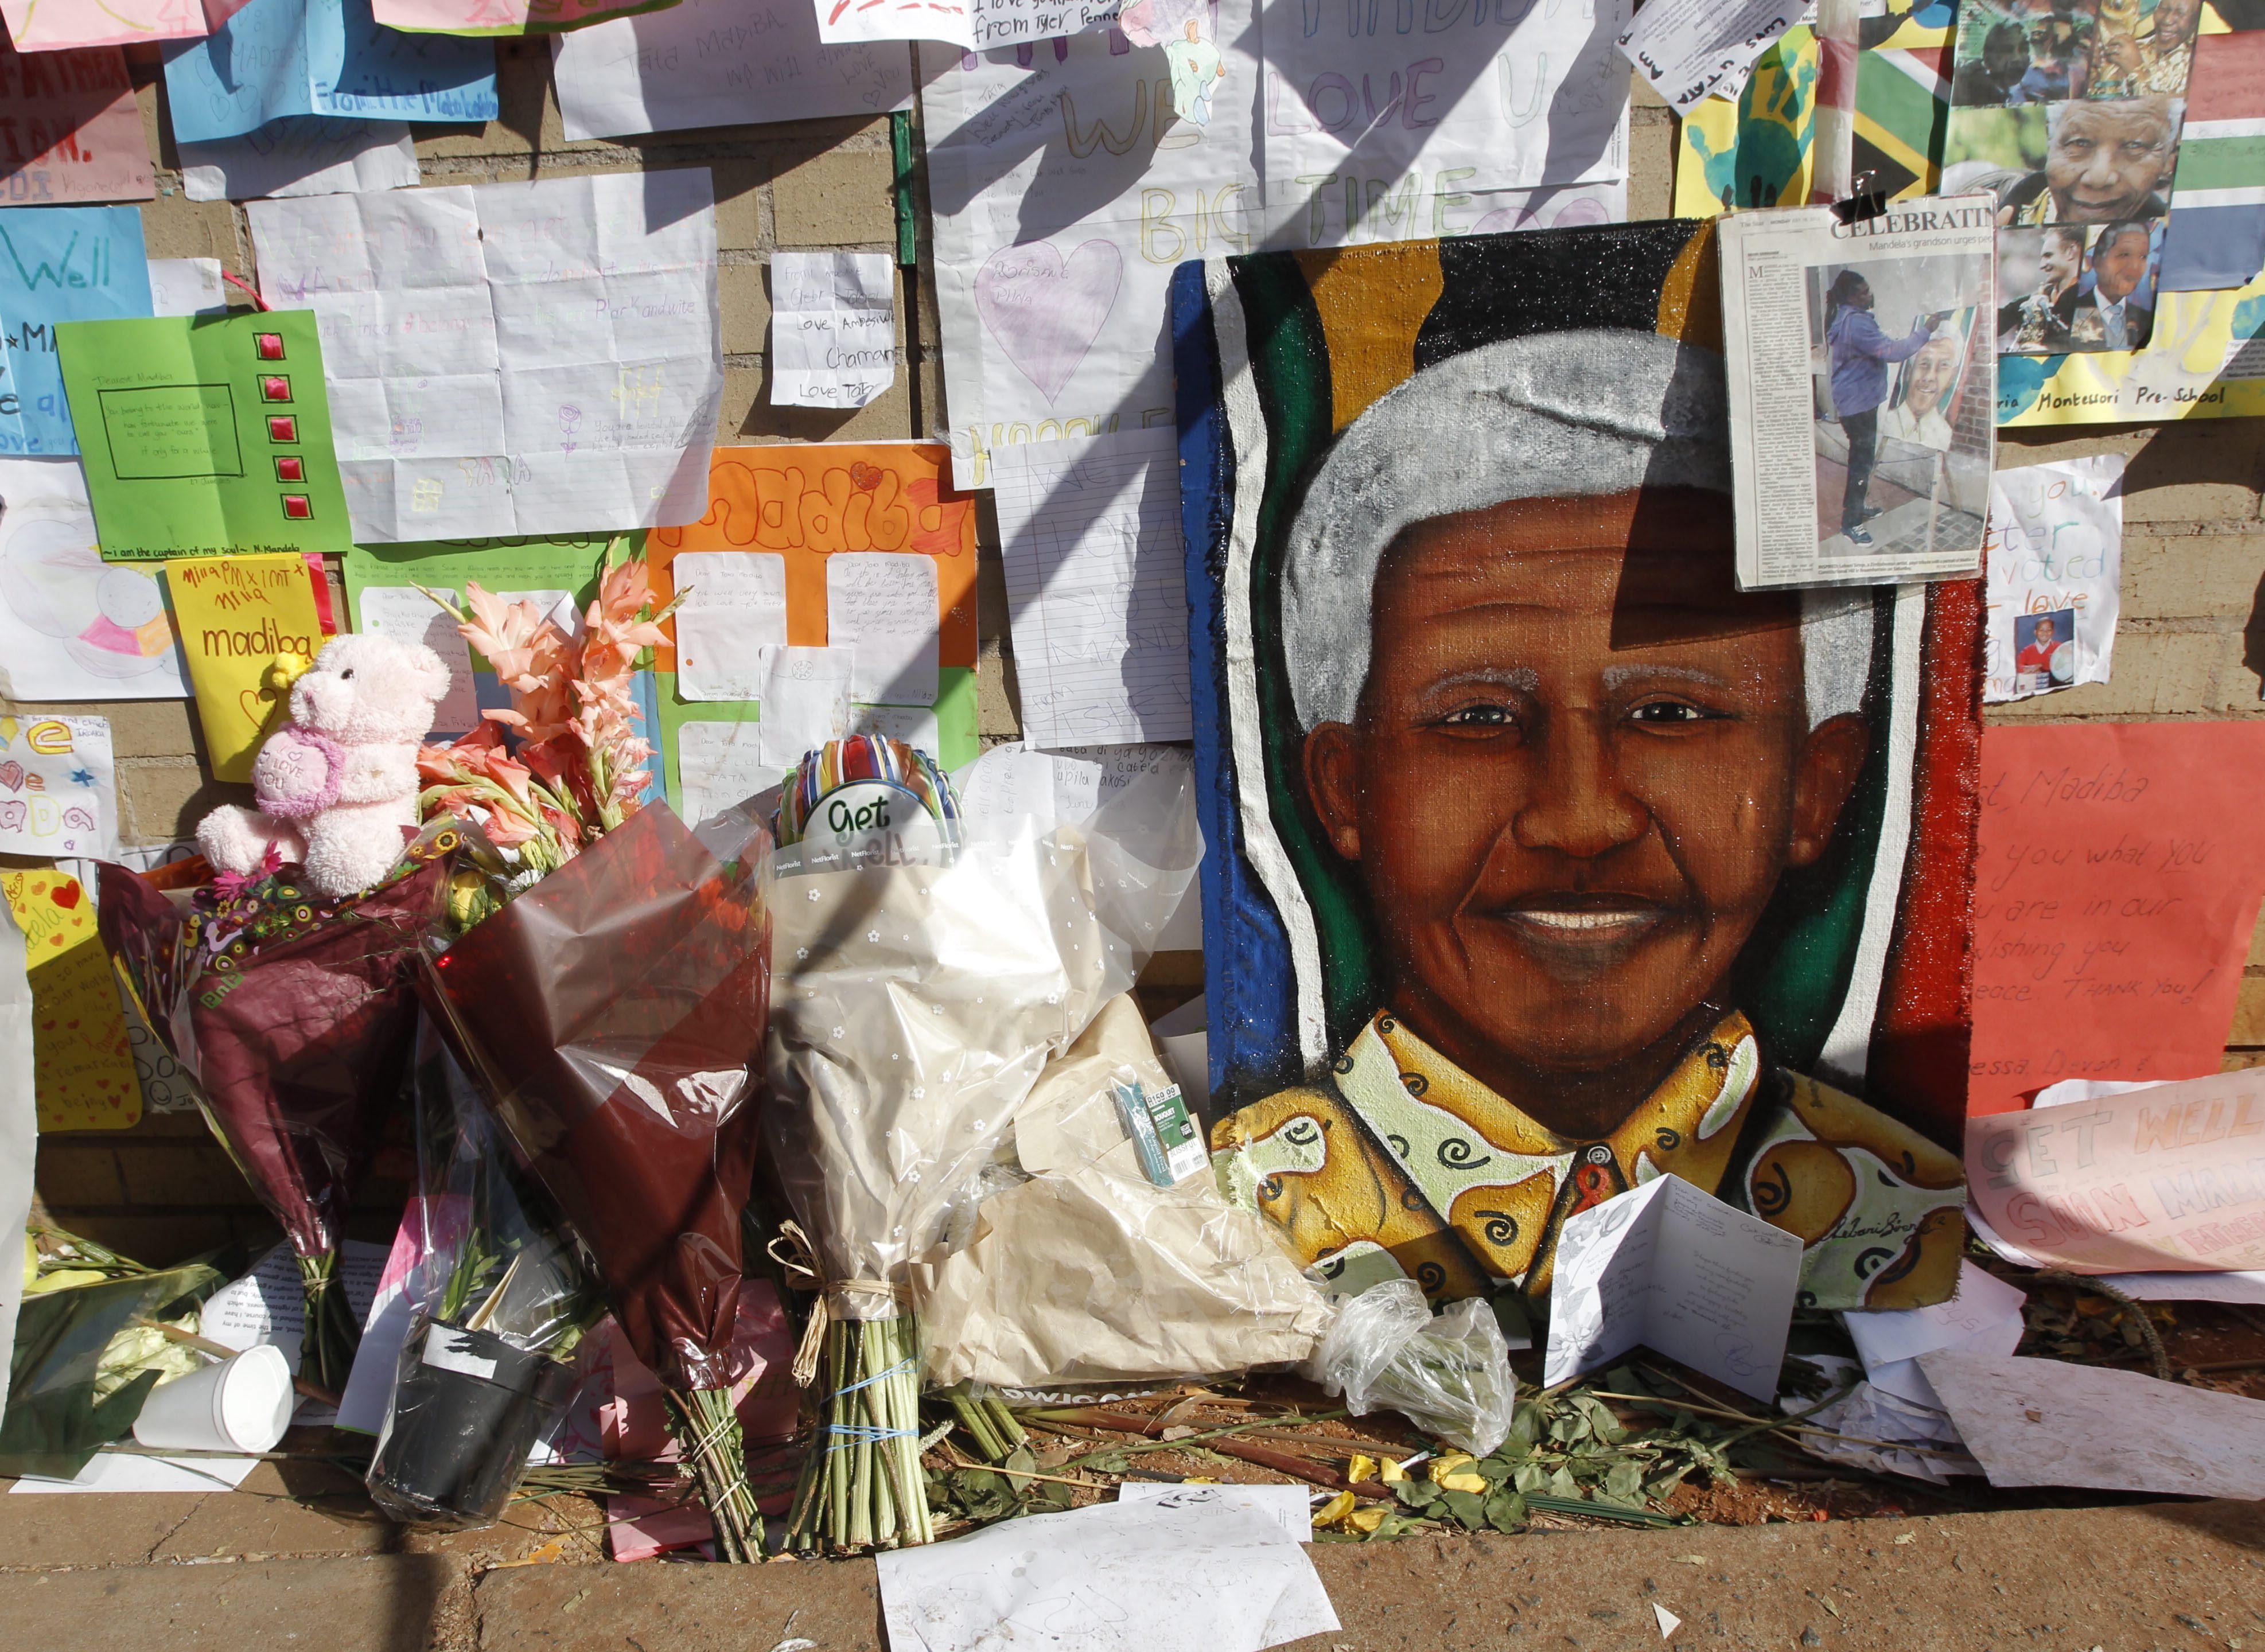 El líder sudafricano Nelson Mandela está conectado a una máquina para seguir vivo